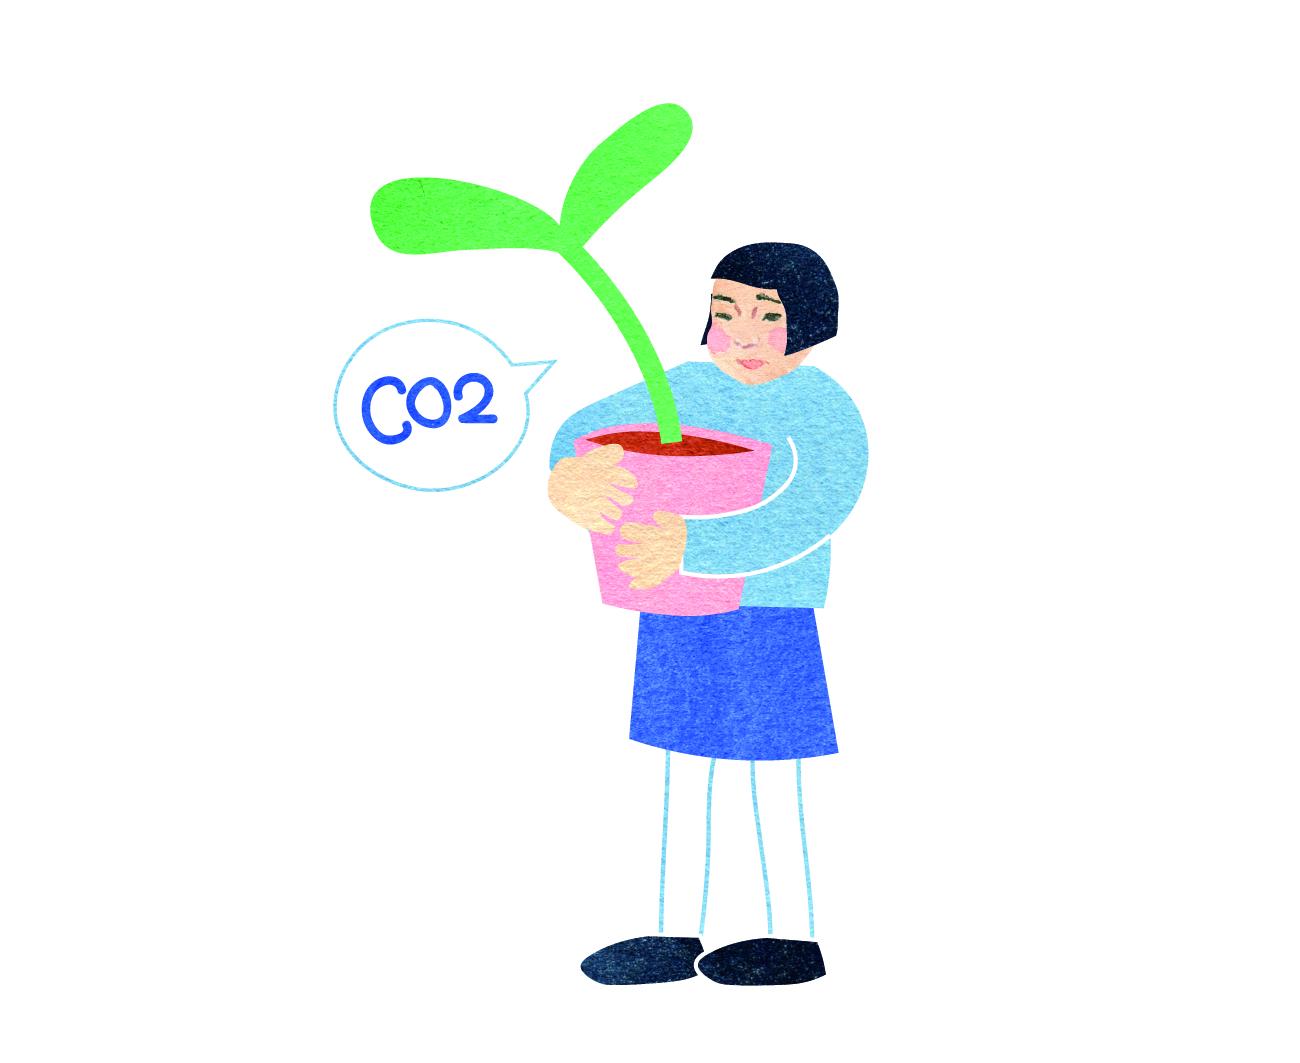 CO2濃度の上昇による気候変動の影響への対策方法としての緩和策・適応策の重要性